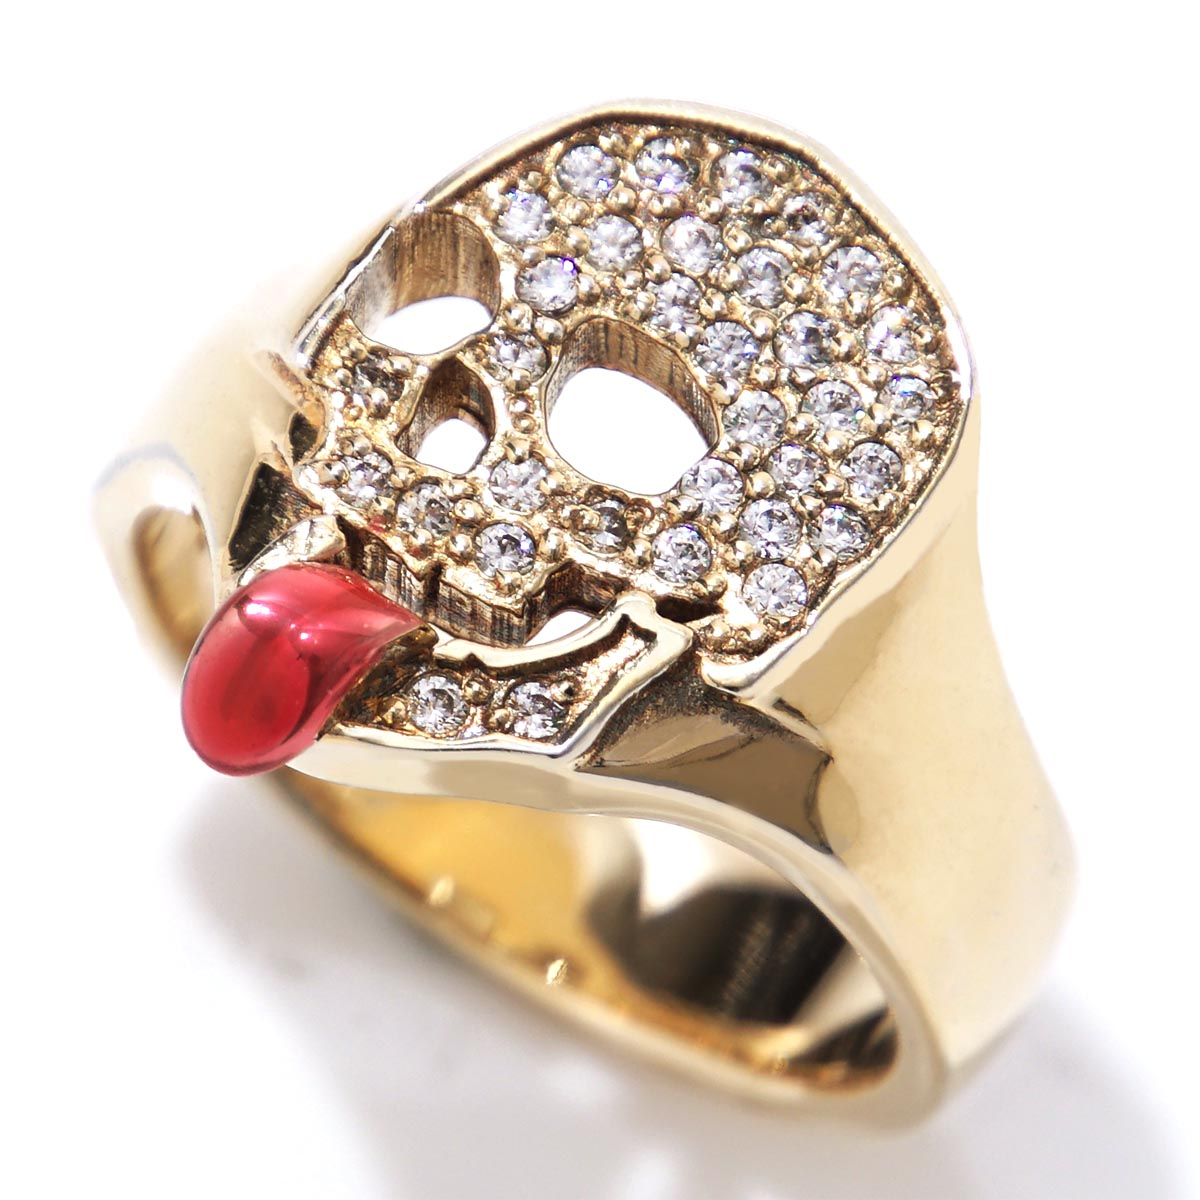 ガーデル GARDEL リング 指輪 メンズ レディース アクセサリー ジュエリー ギフト プレゼント gdr067 k18yg dia RAPTURE SKULL【返品交換不可】【ラッピング無料】【181201】